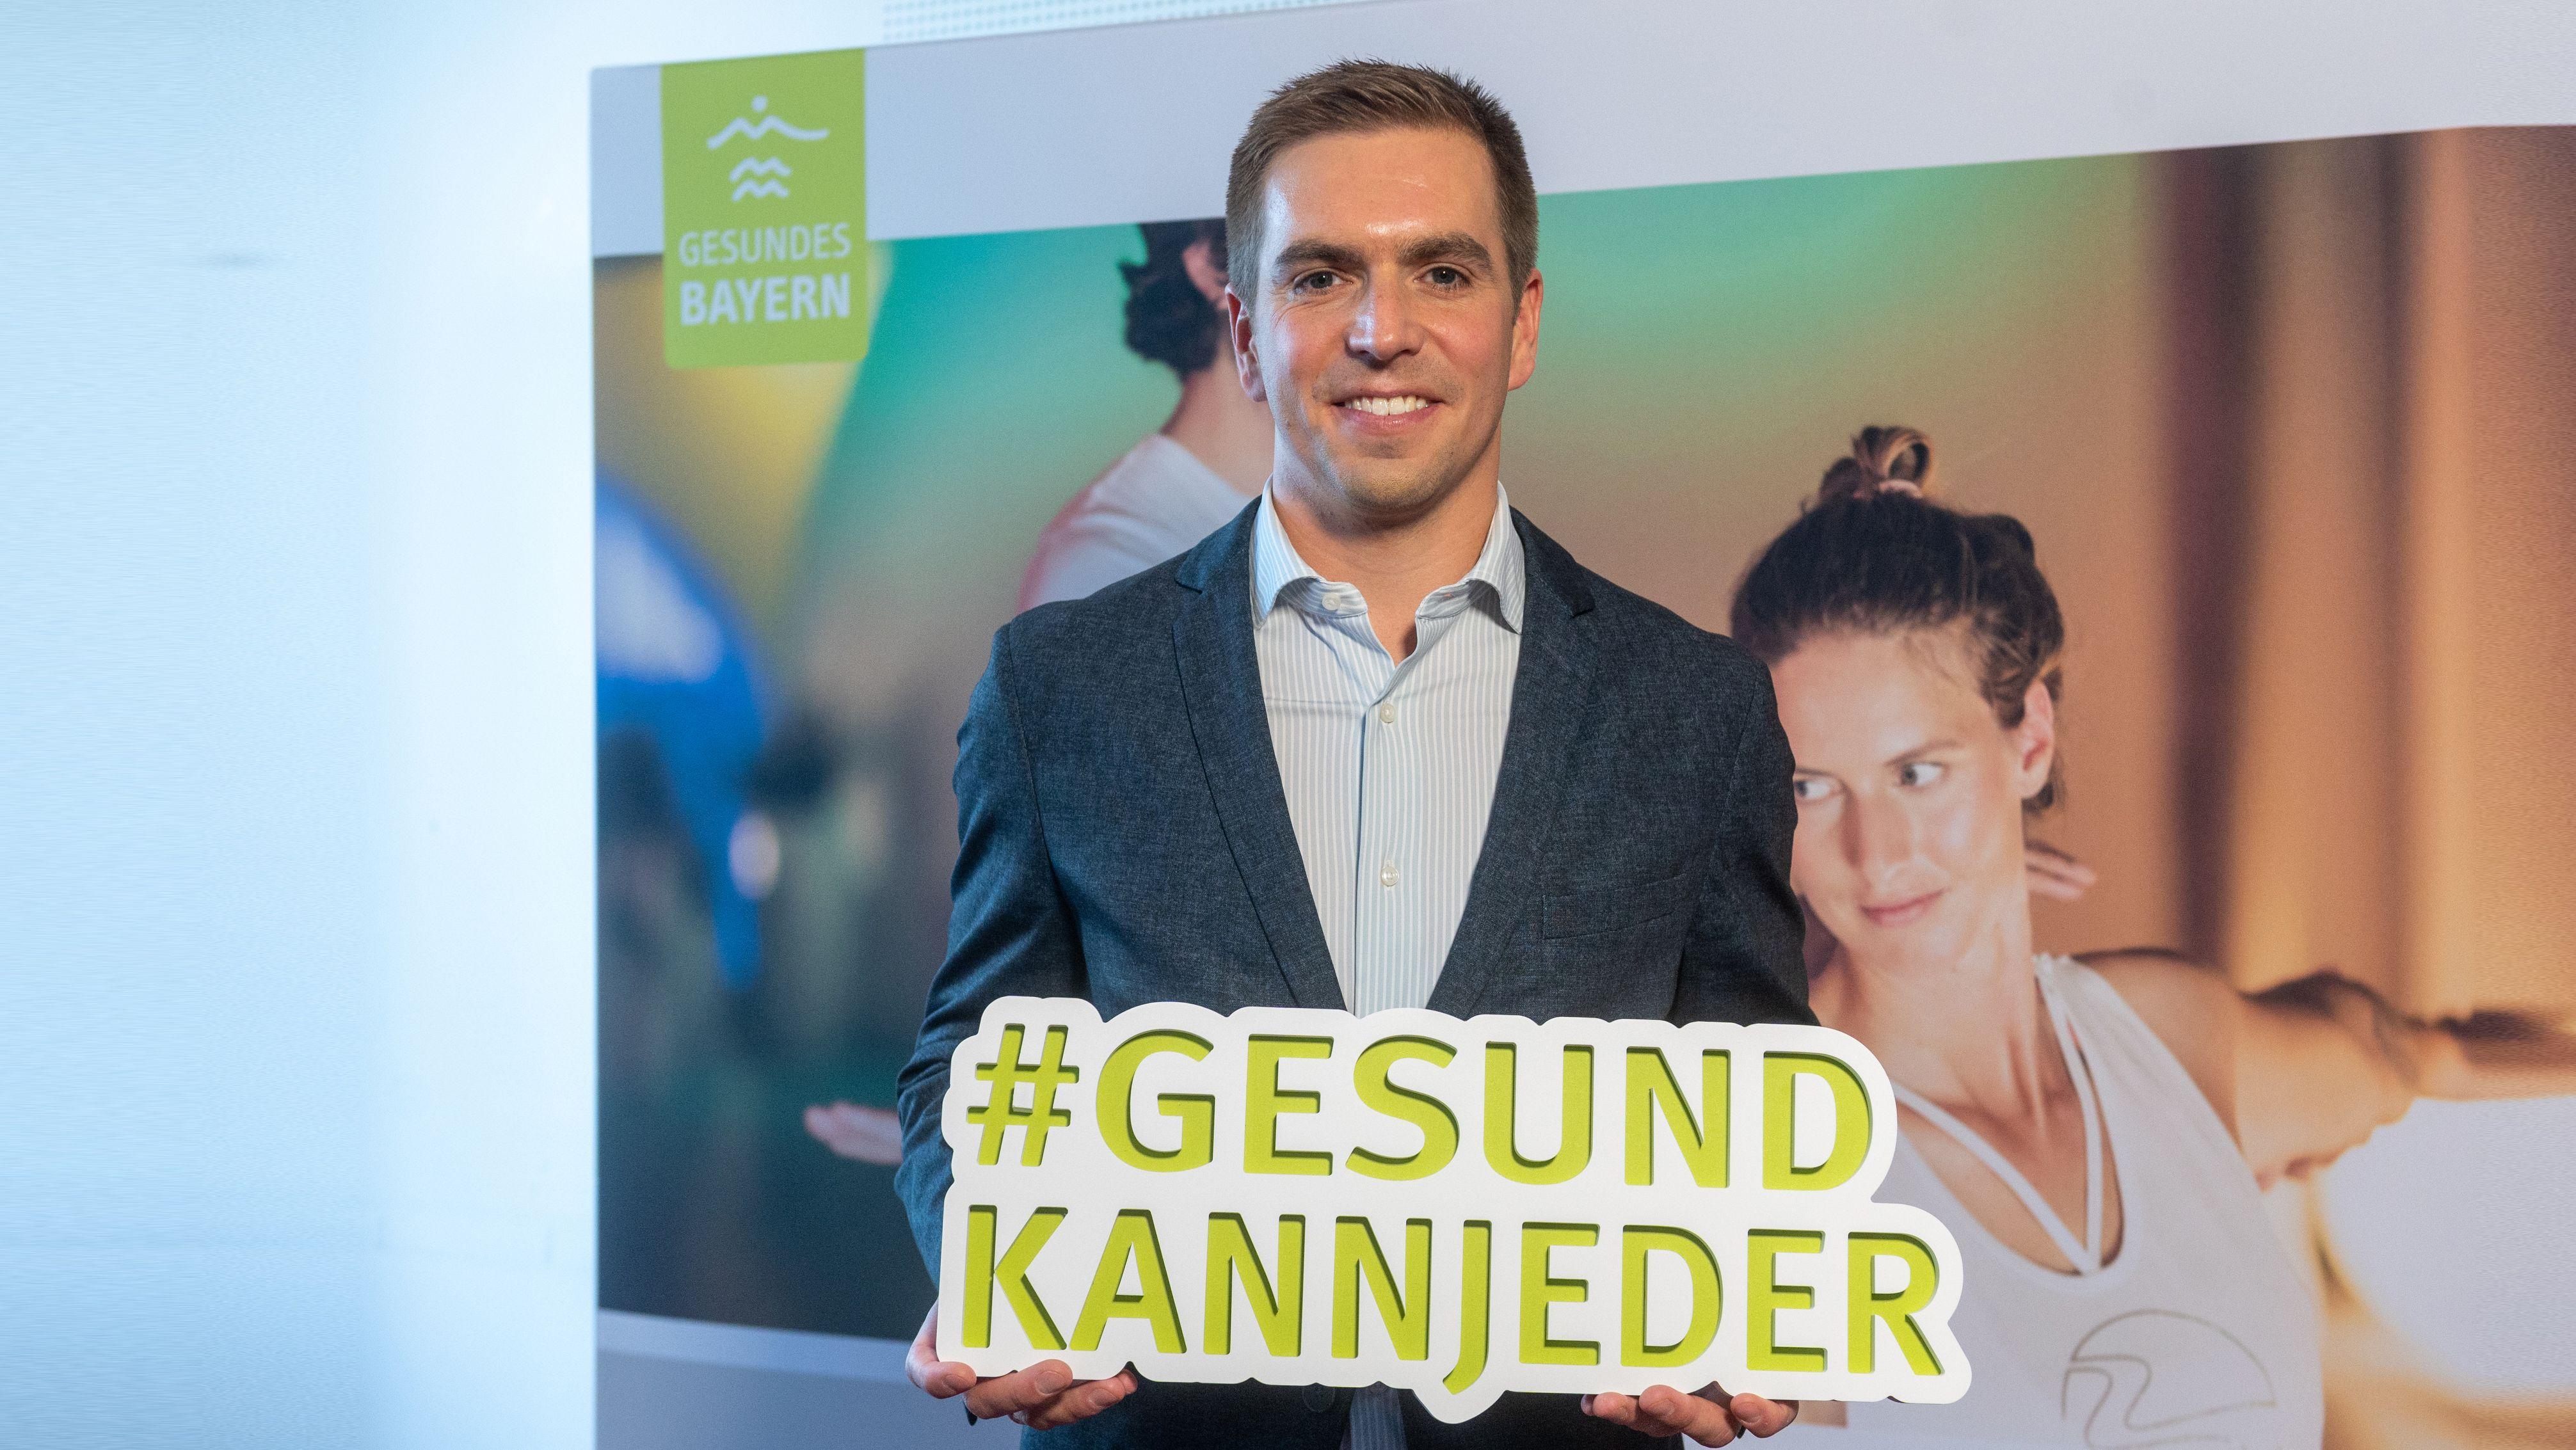 Philipp Lahm, Ex-Fußballprofi beim FC Bayern, ist Botschafter für den Bayerischen Heilbäder-Verband